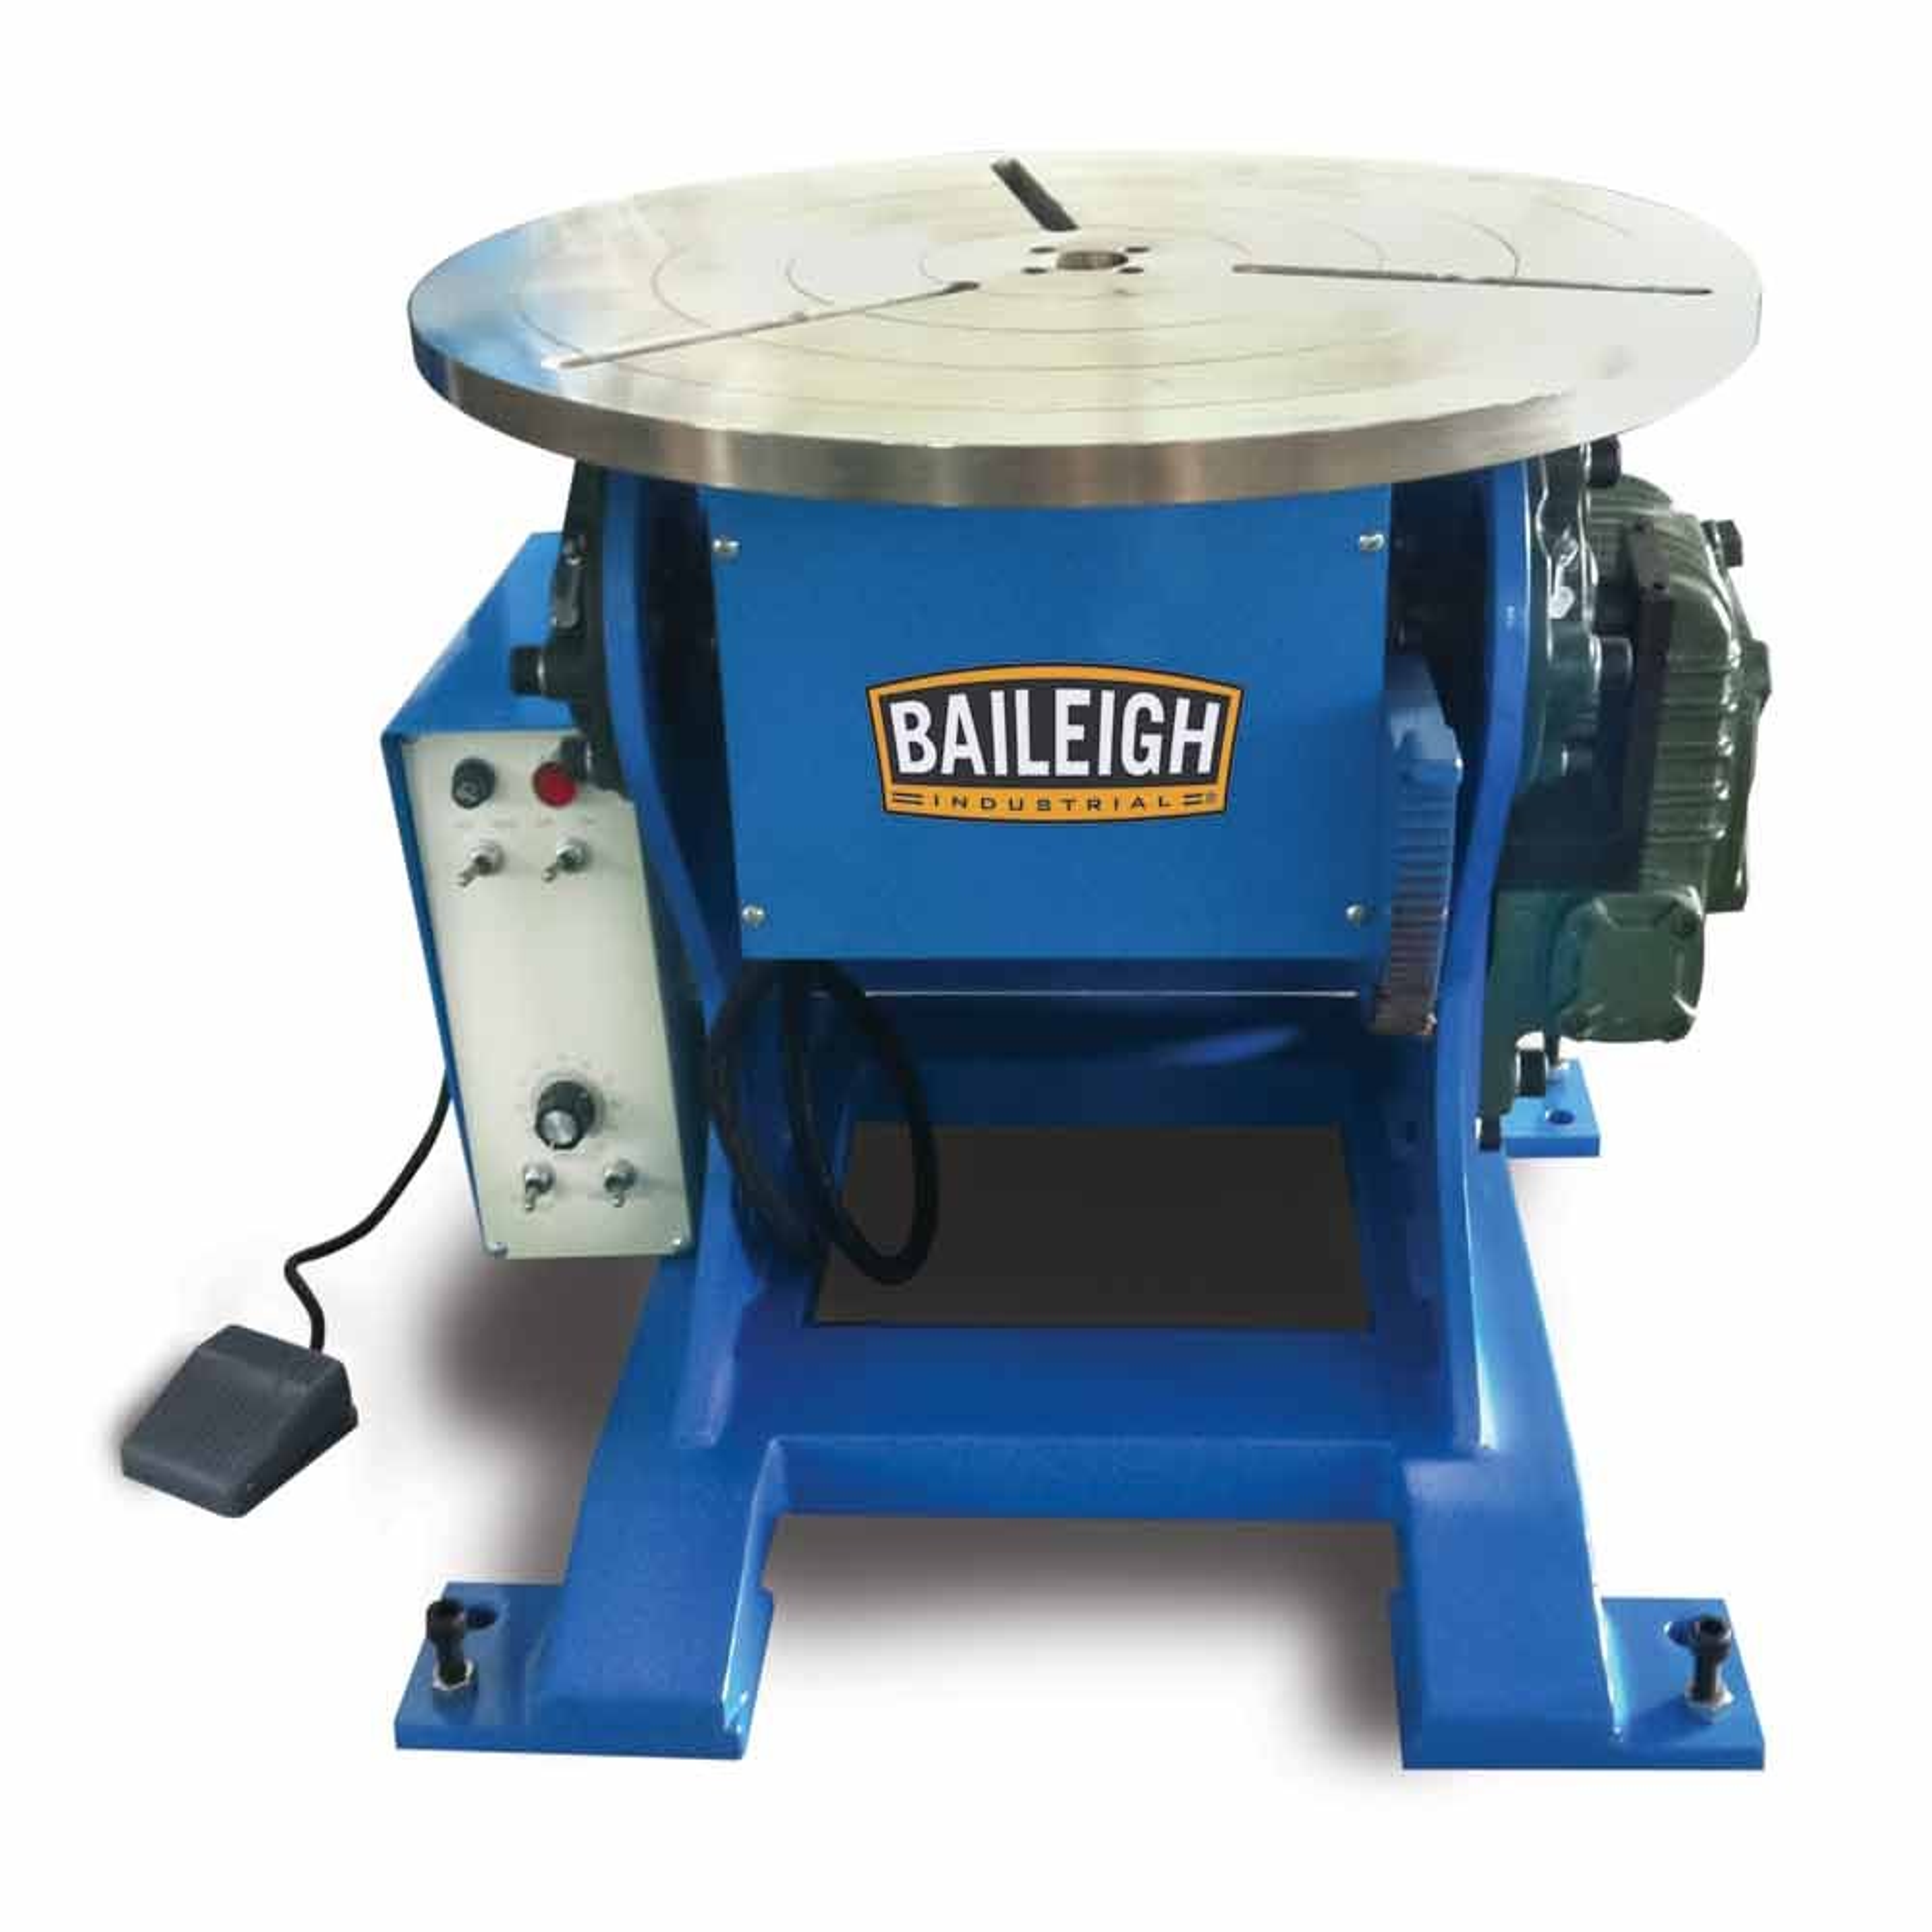 Baileigh Table Saw ... Positioner (WP-1100) | Baileigh Industrial | Baileigh Industrial